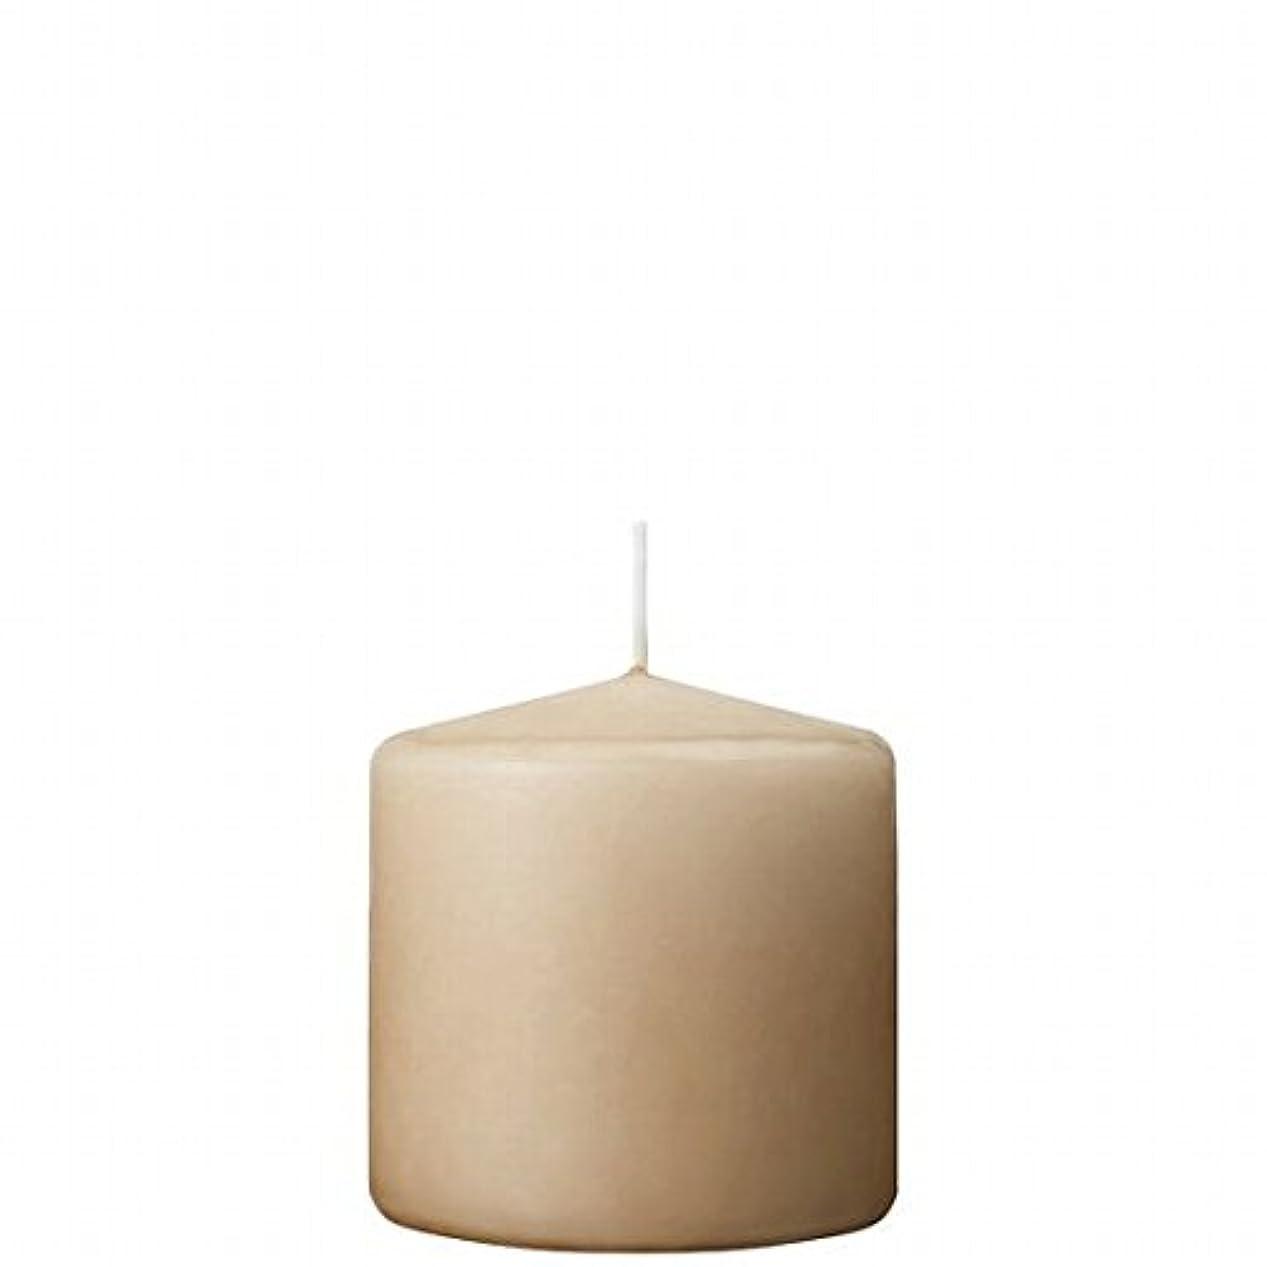 検閲研究所同一性カメヤマキャンドル( kameyama candle ) 3×3ベルトップピラーキャンドル 「 ベージュ 」